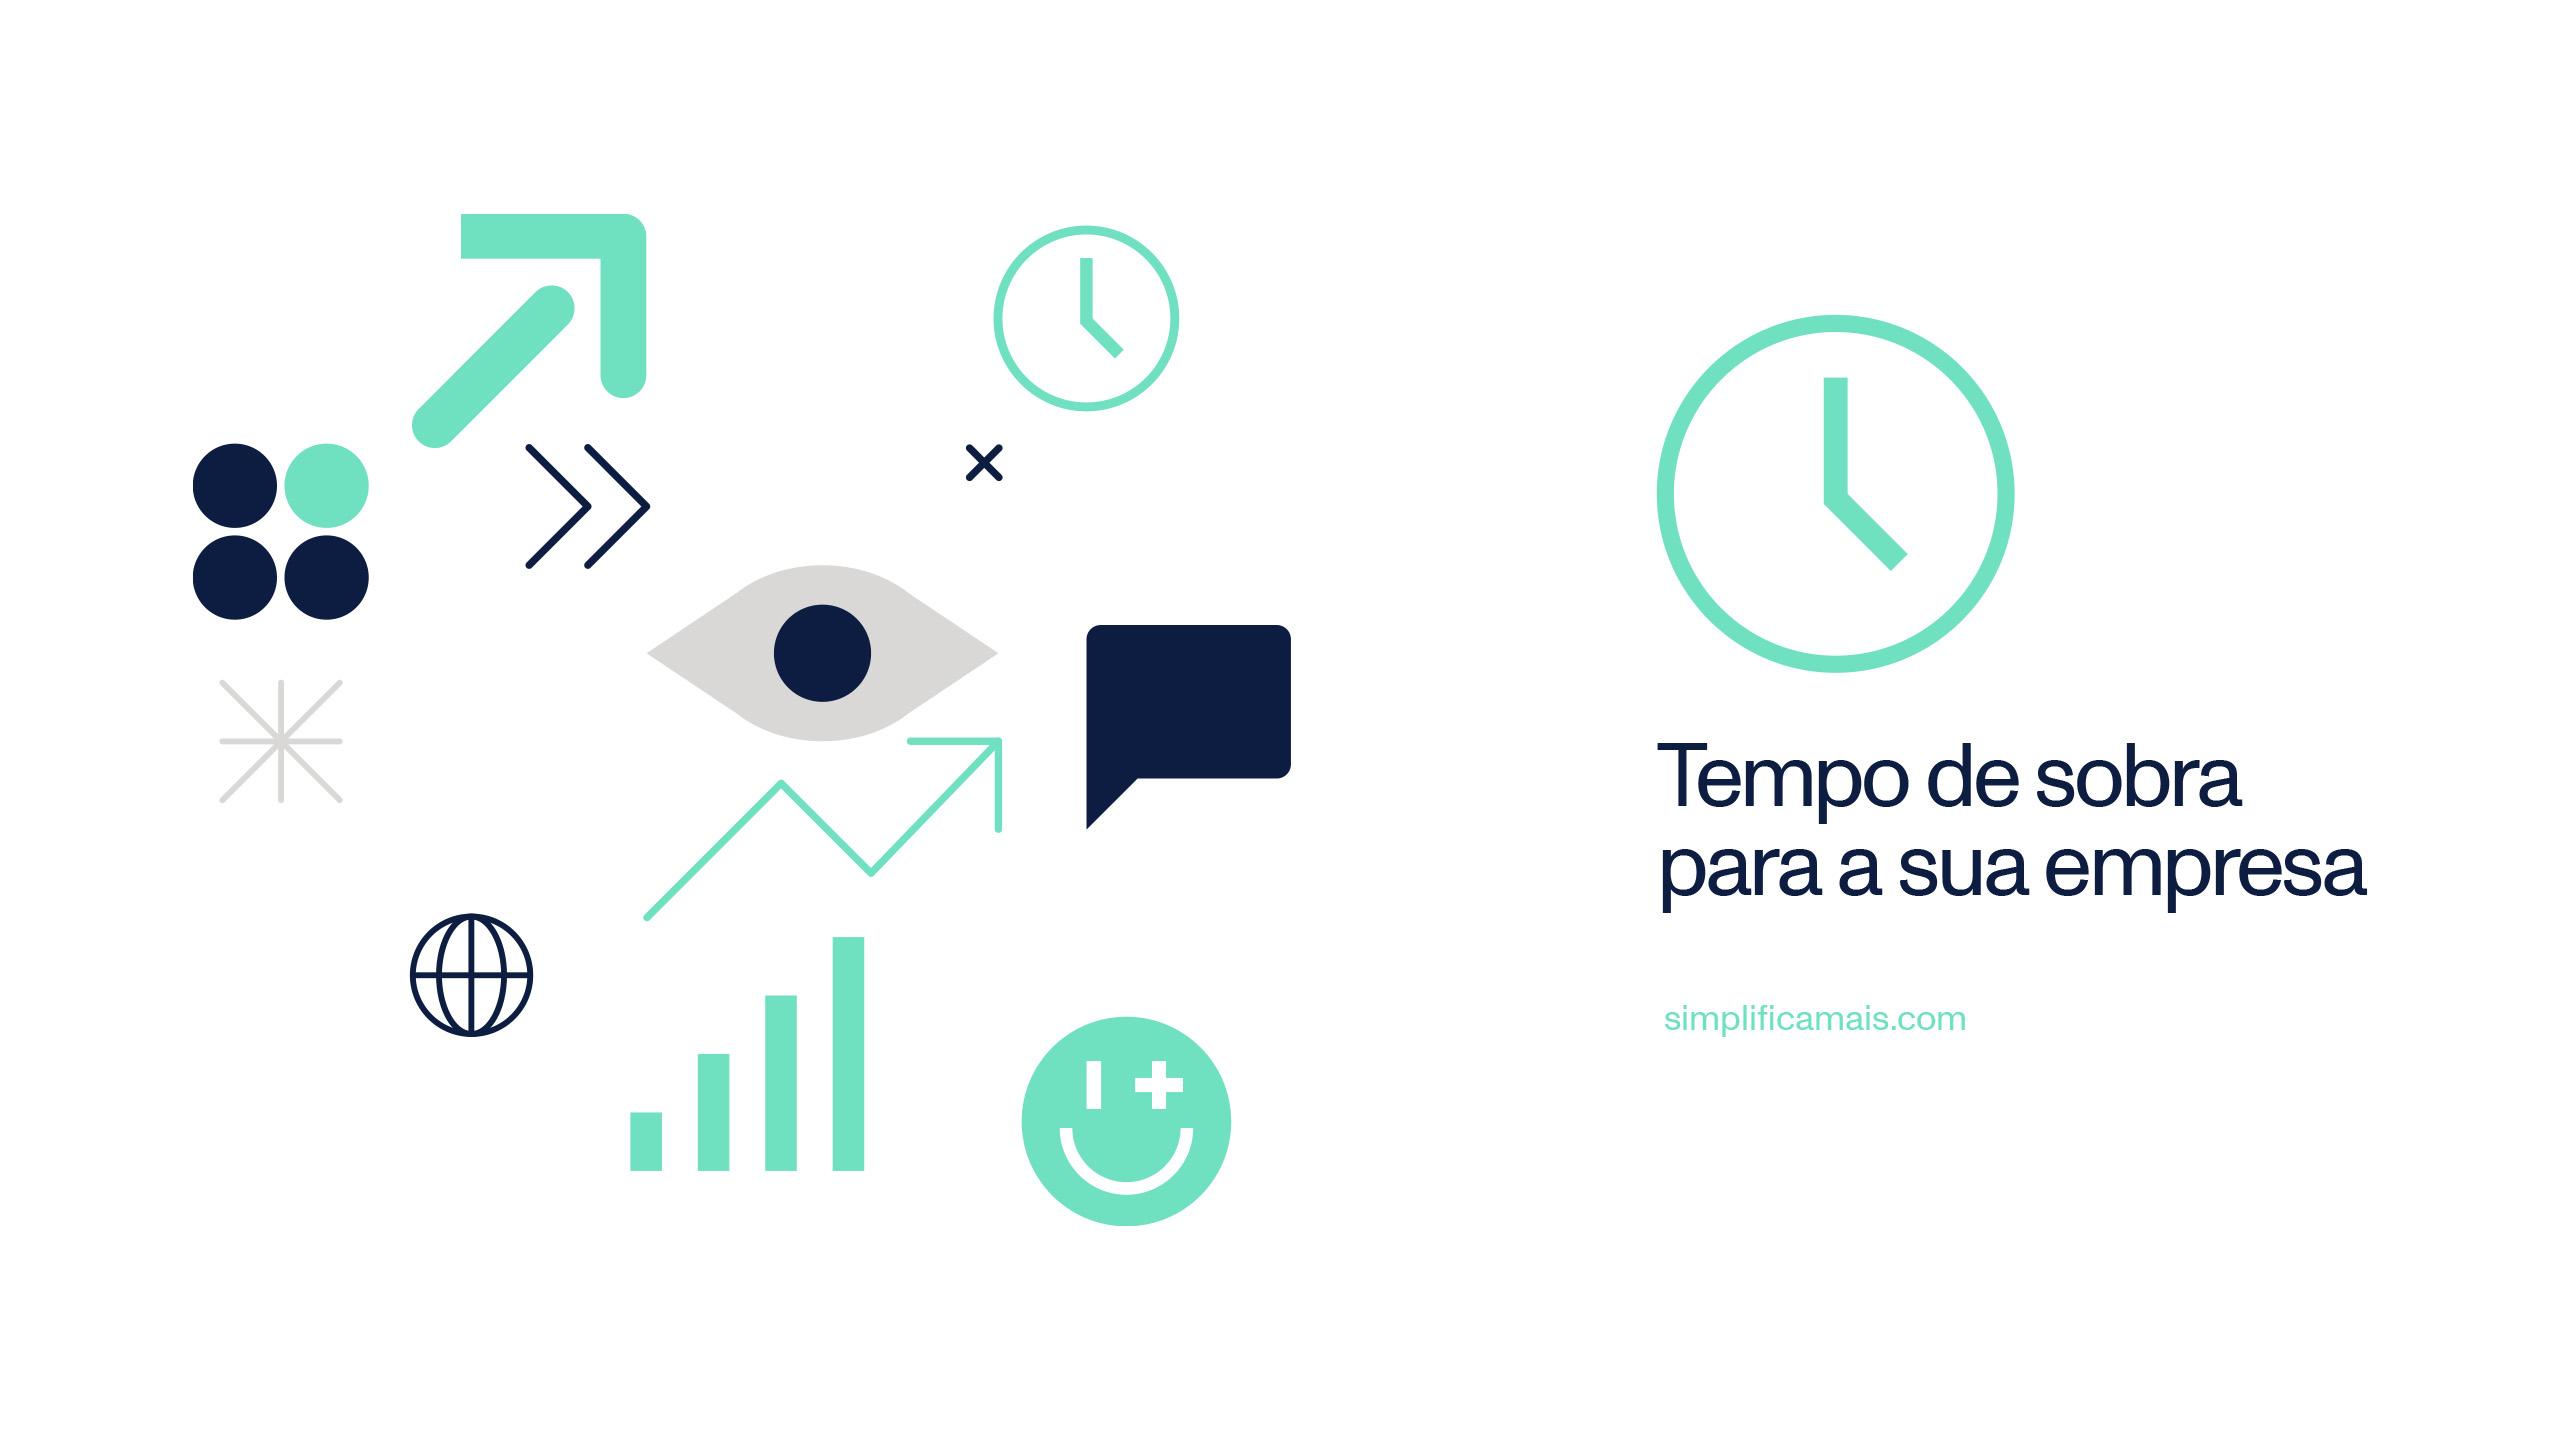 firmorama_simplifica-mais_06